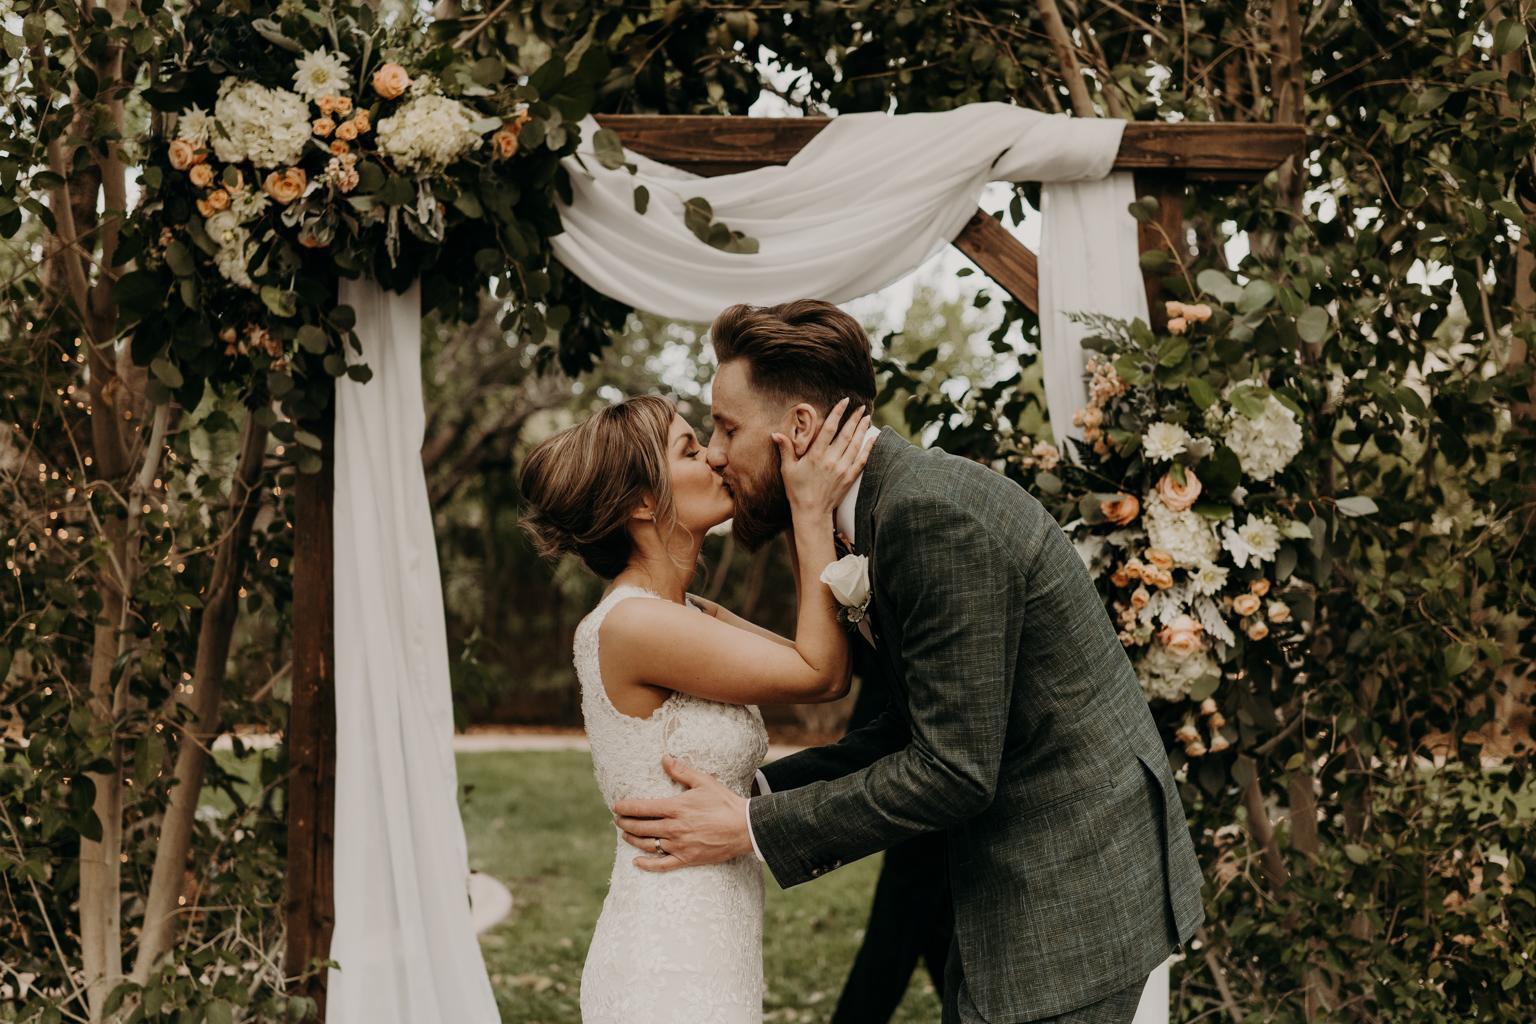 trouweninhetbuitenland_huwelijksfotografie_roxannedankers-29.jpg